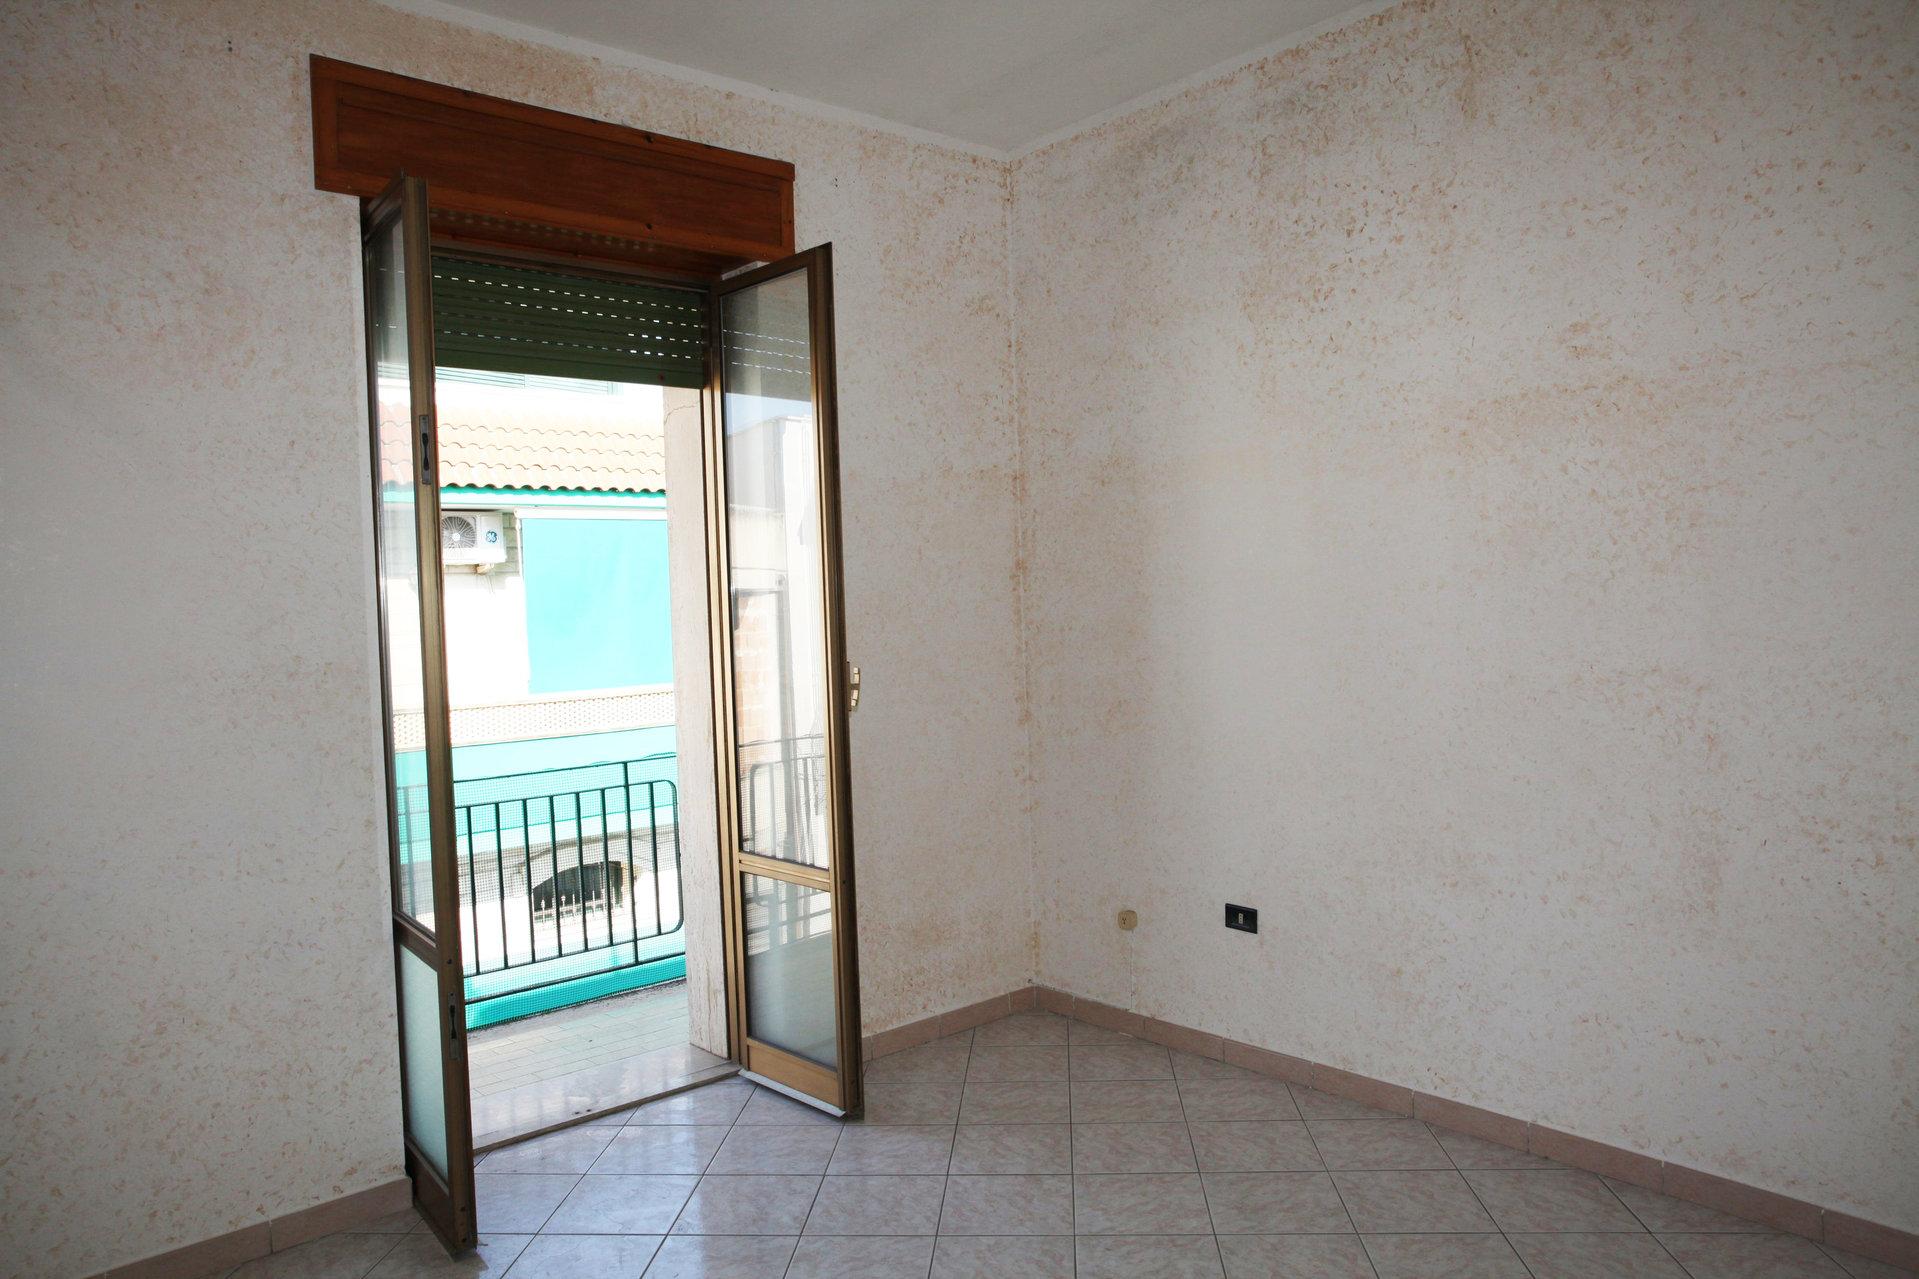 Appartemento al piano primo 2 camere, cucina, bagno e lavanderia